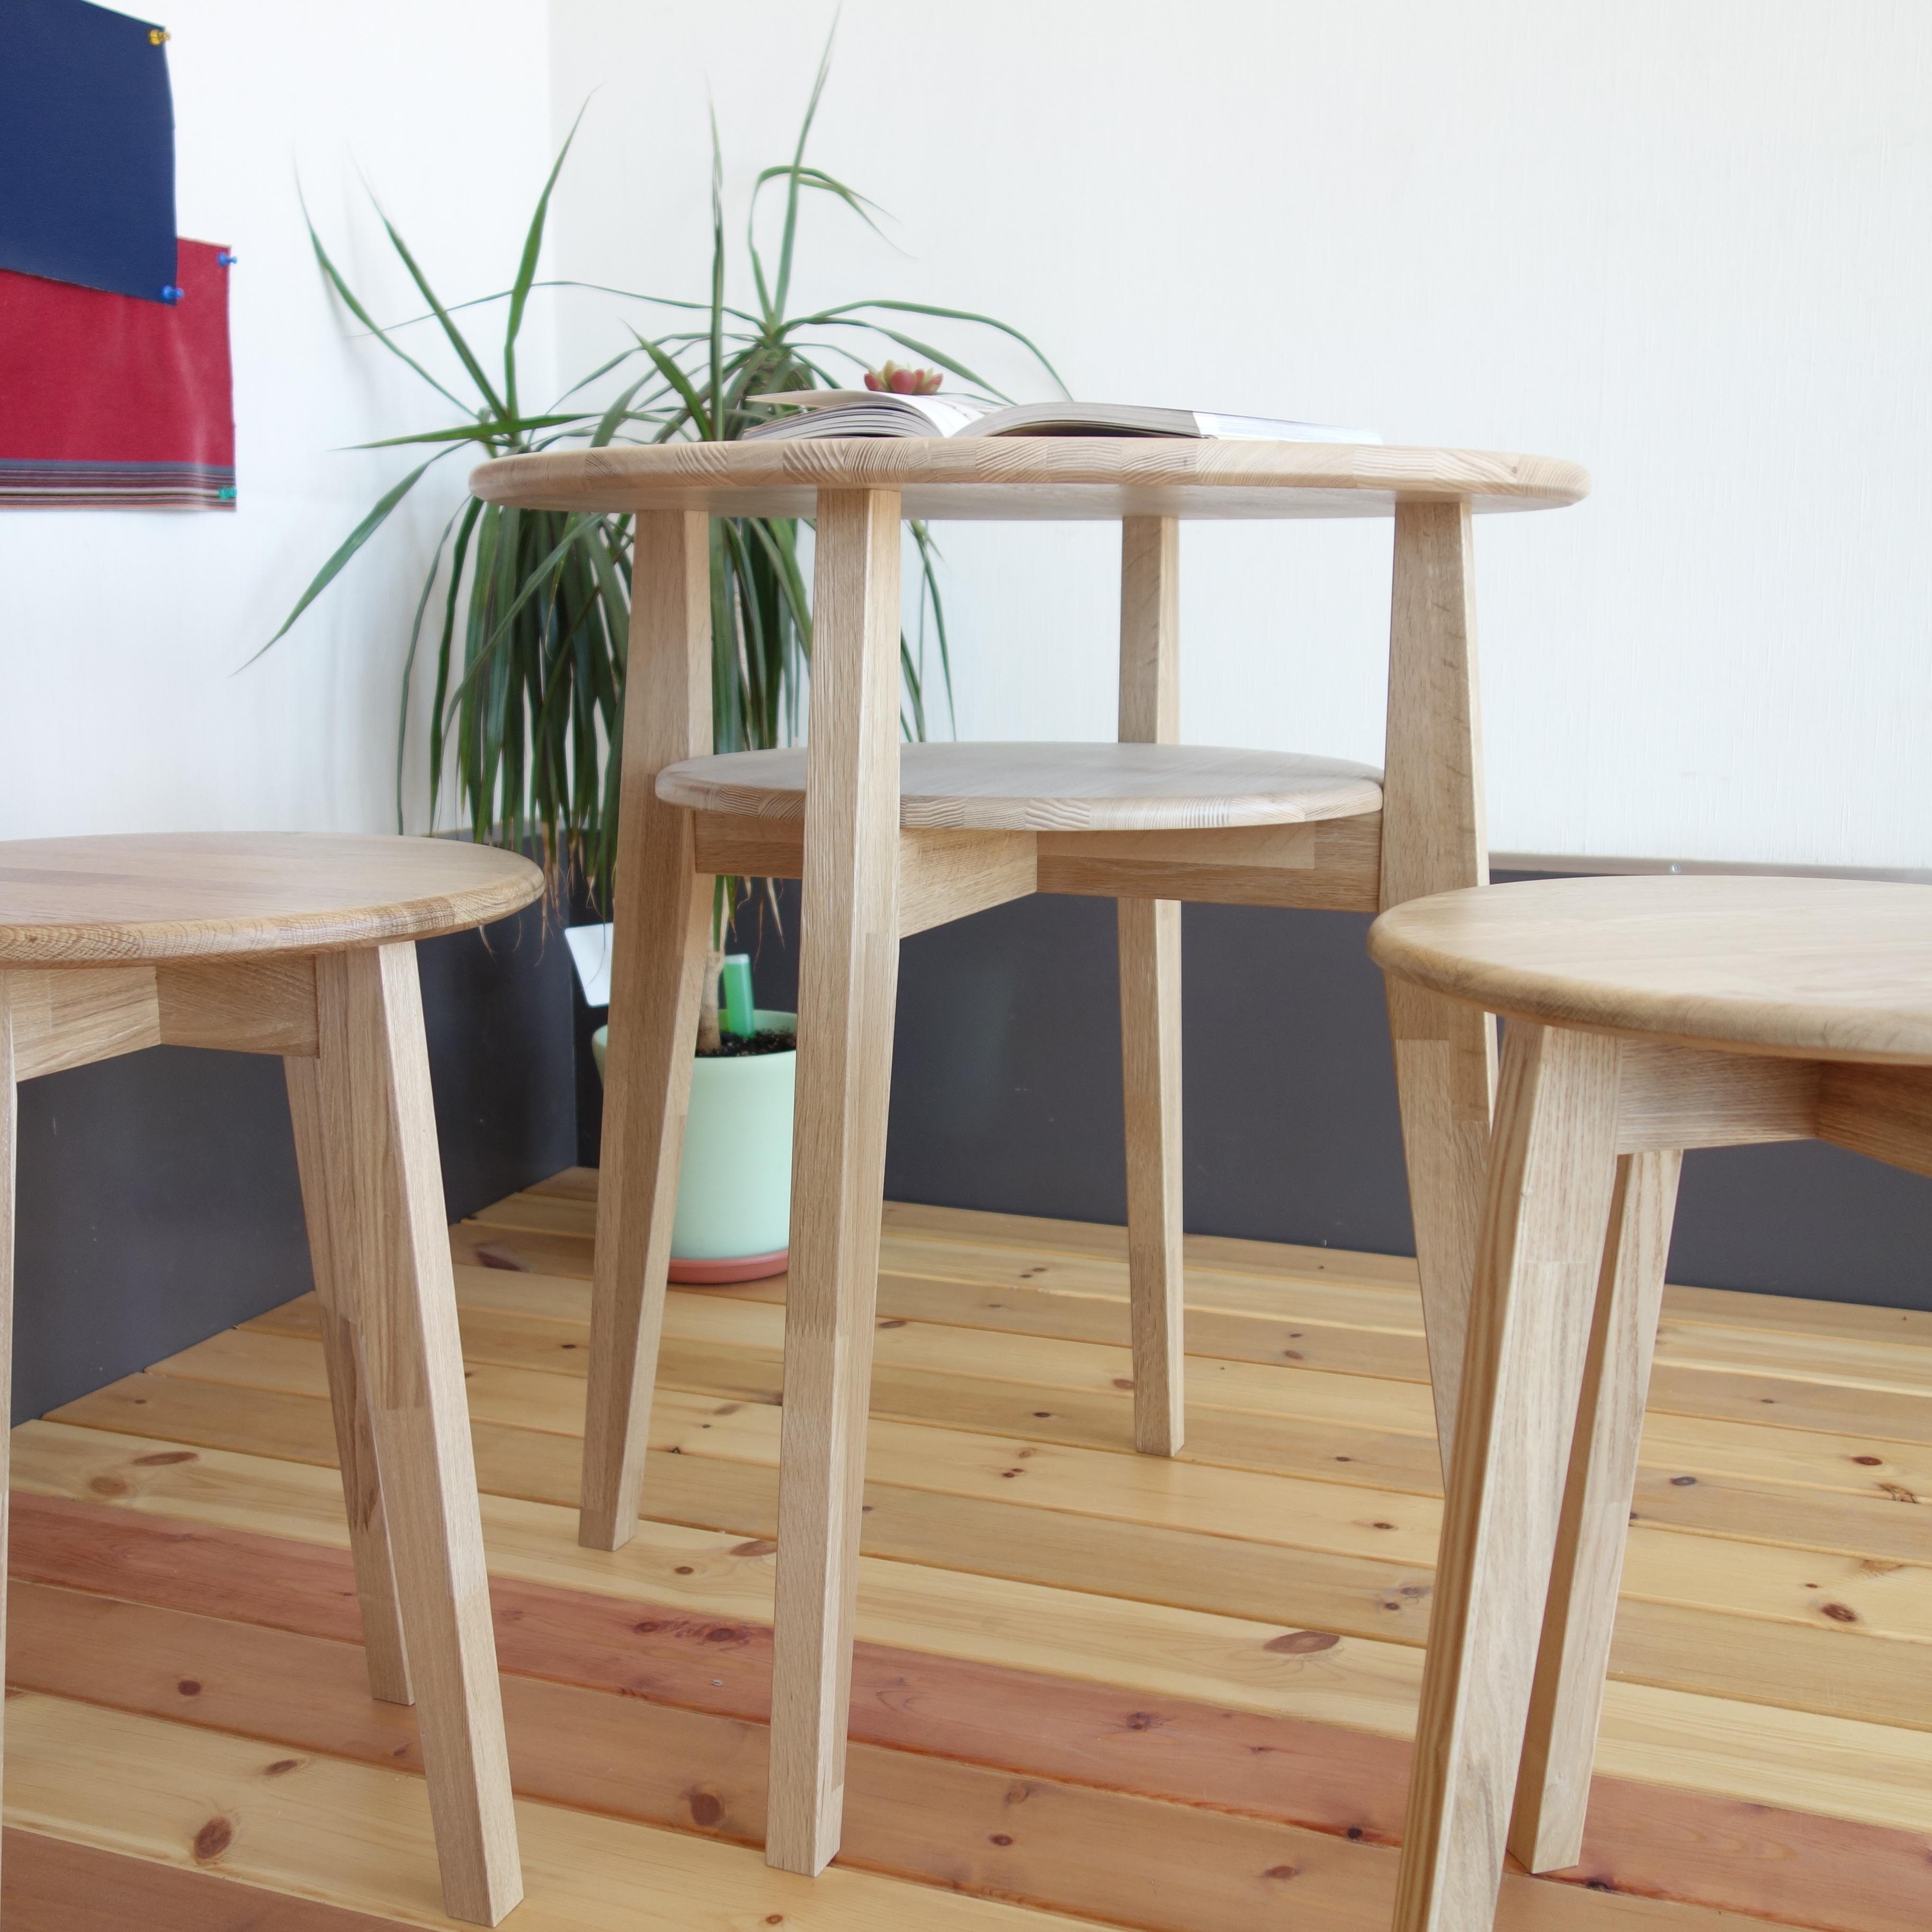 【カフェテーブル 3点セット】 テーブル×1 スツール×2 - 画像3